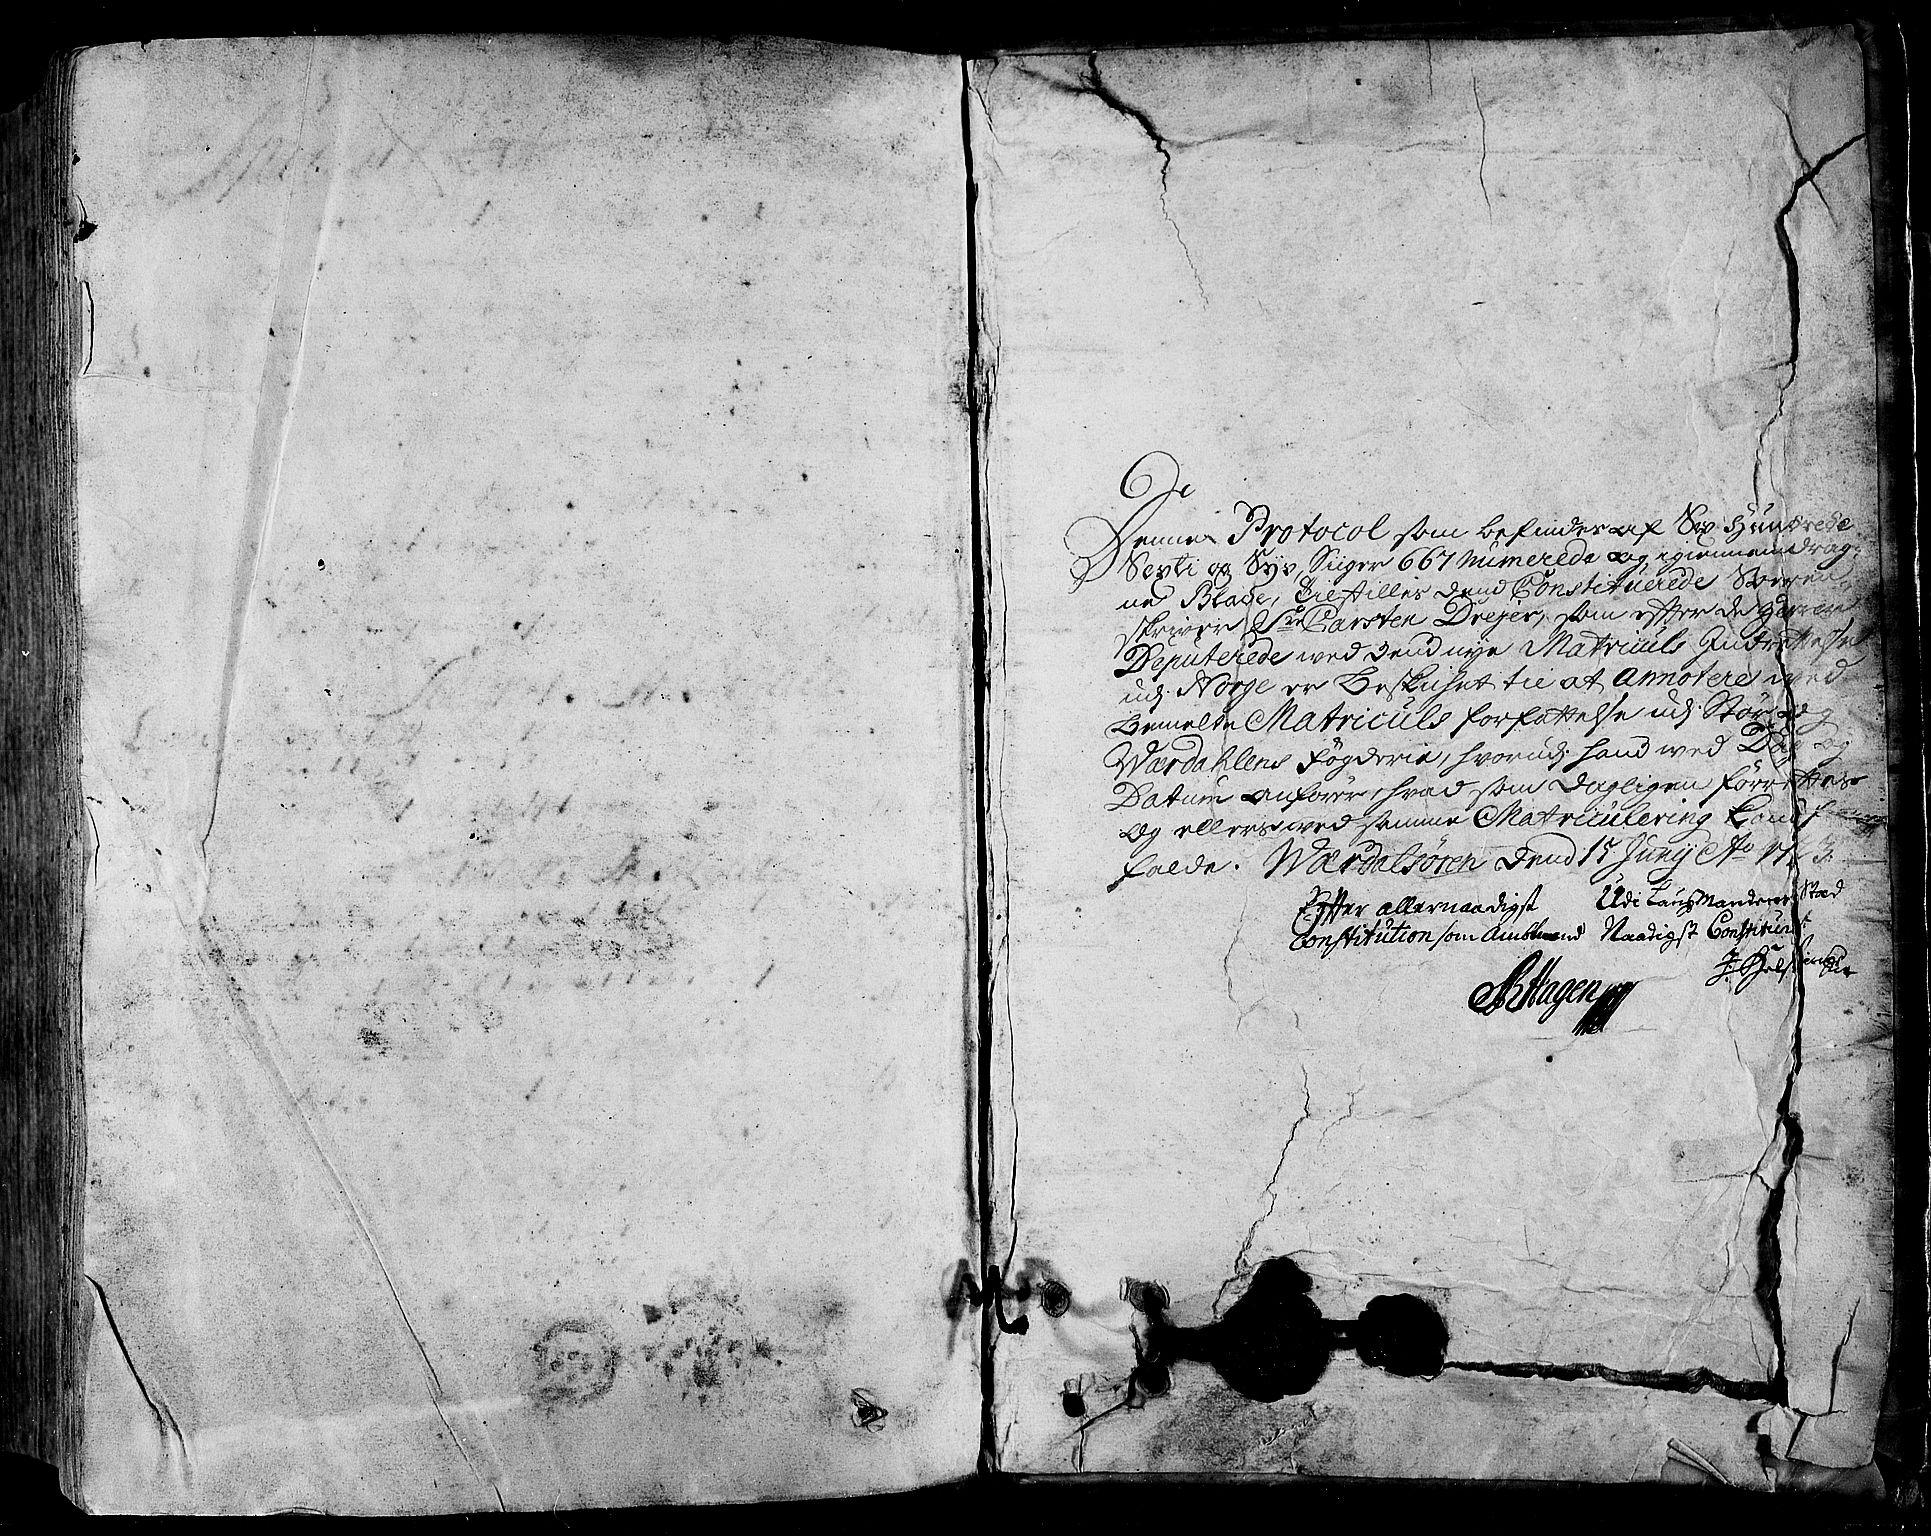 RA, Rentekammeret inntil 1814, Realistisk ordnet avdeling, N/Nb/Nbf/L0164: Stjørdal og Verdal eksaminasjonsprotokoll, 1723, s. 667b